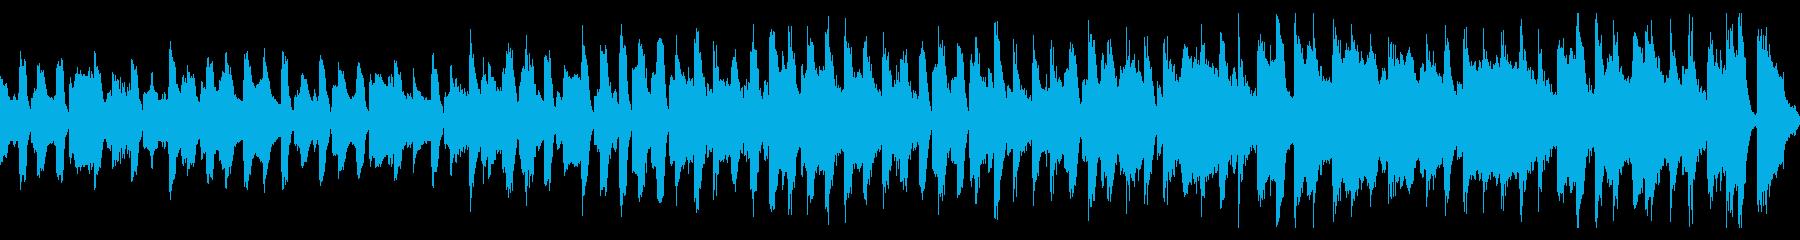 お遊戯会のようなキッズ向けBGMの再生済みの波形